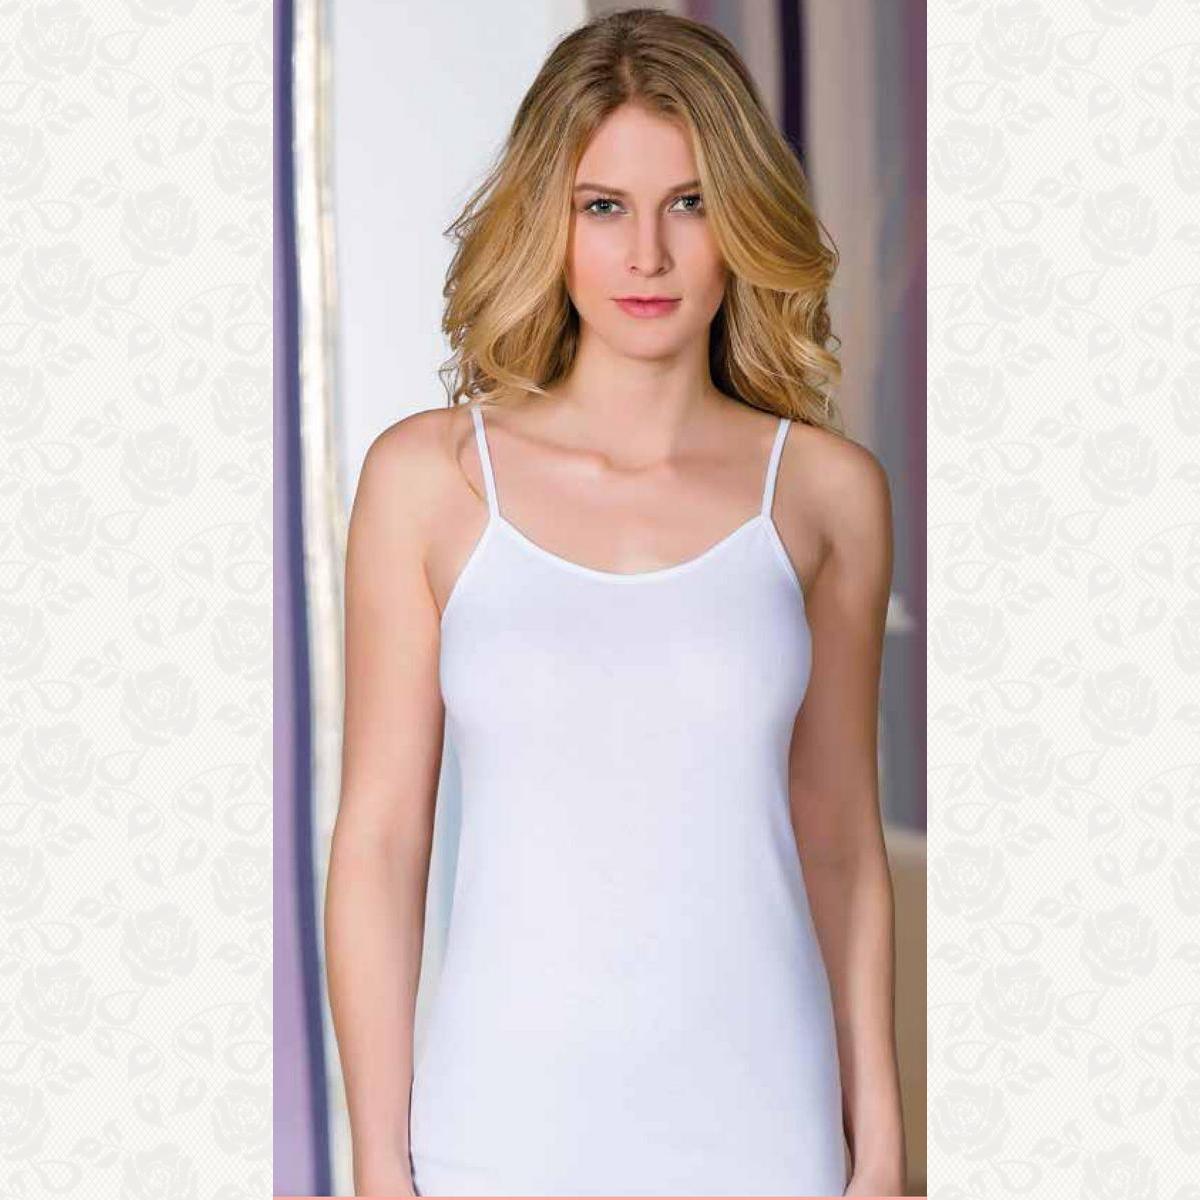 Майка классика berrak, цвет белый с фото